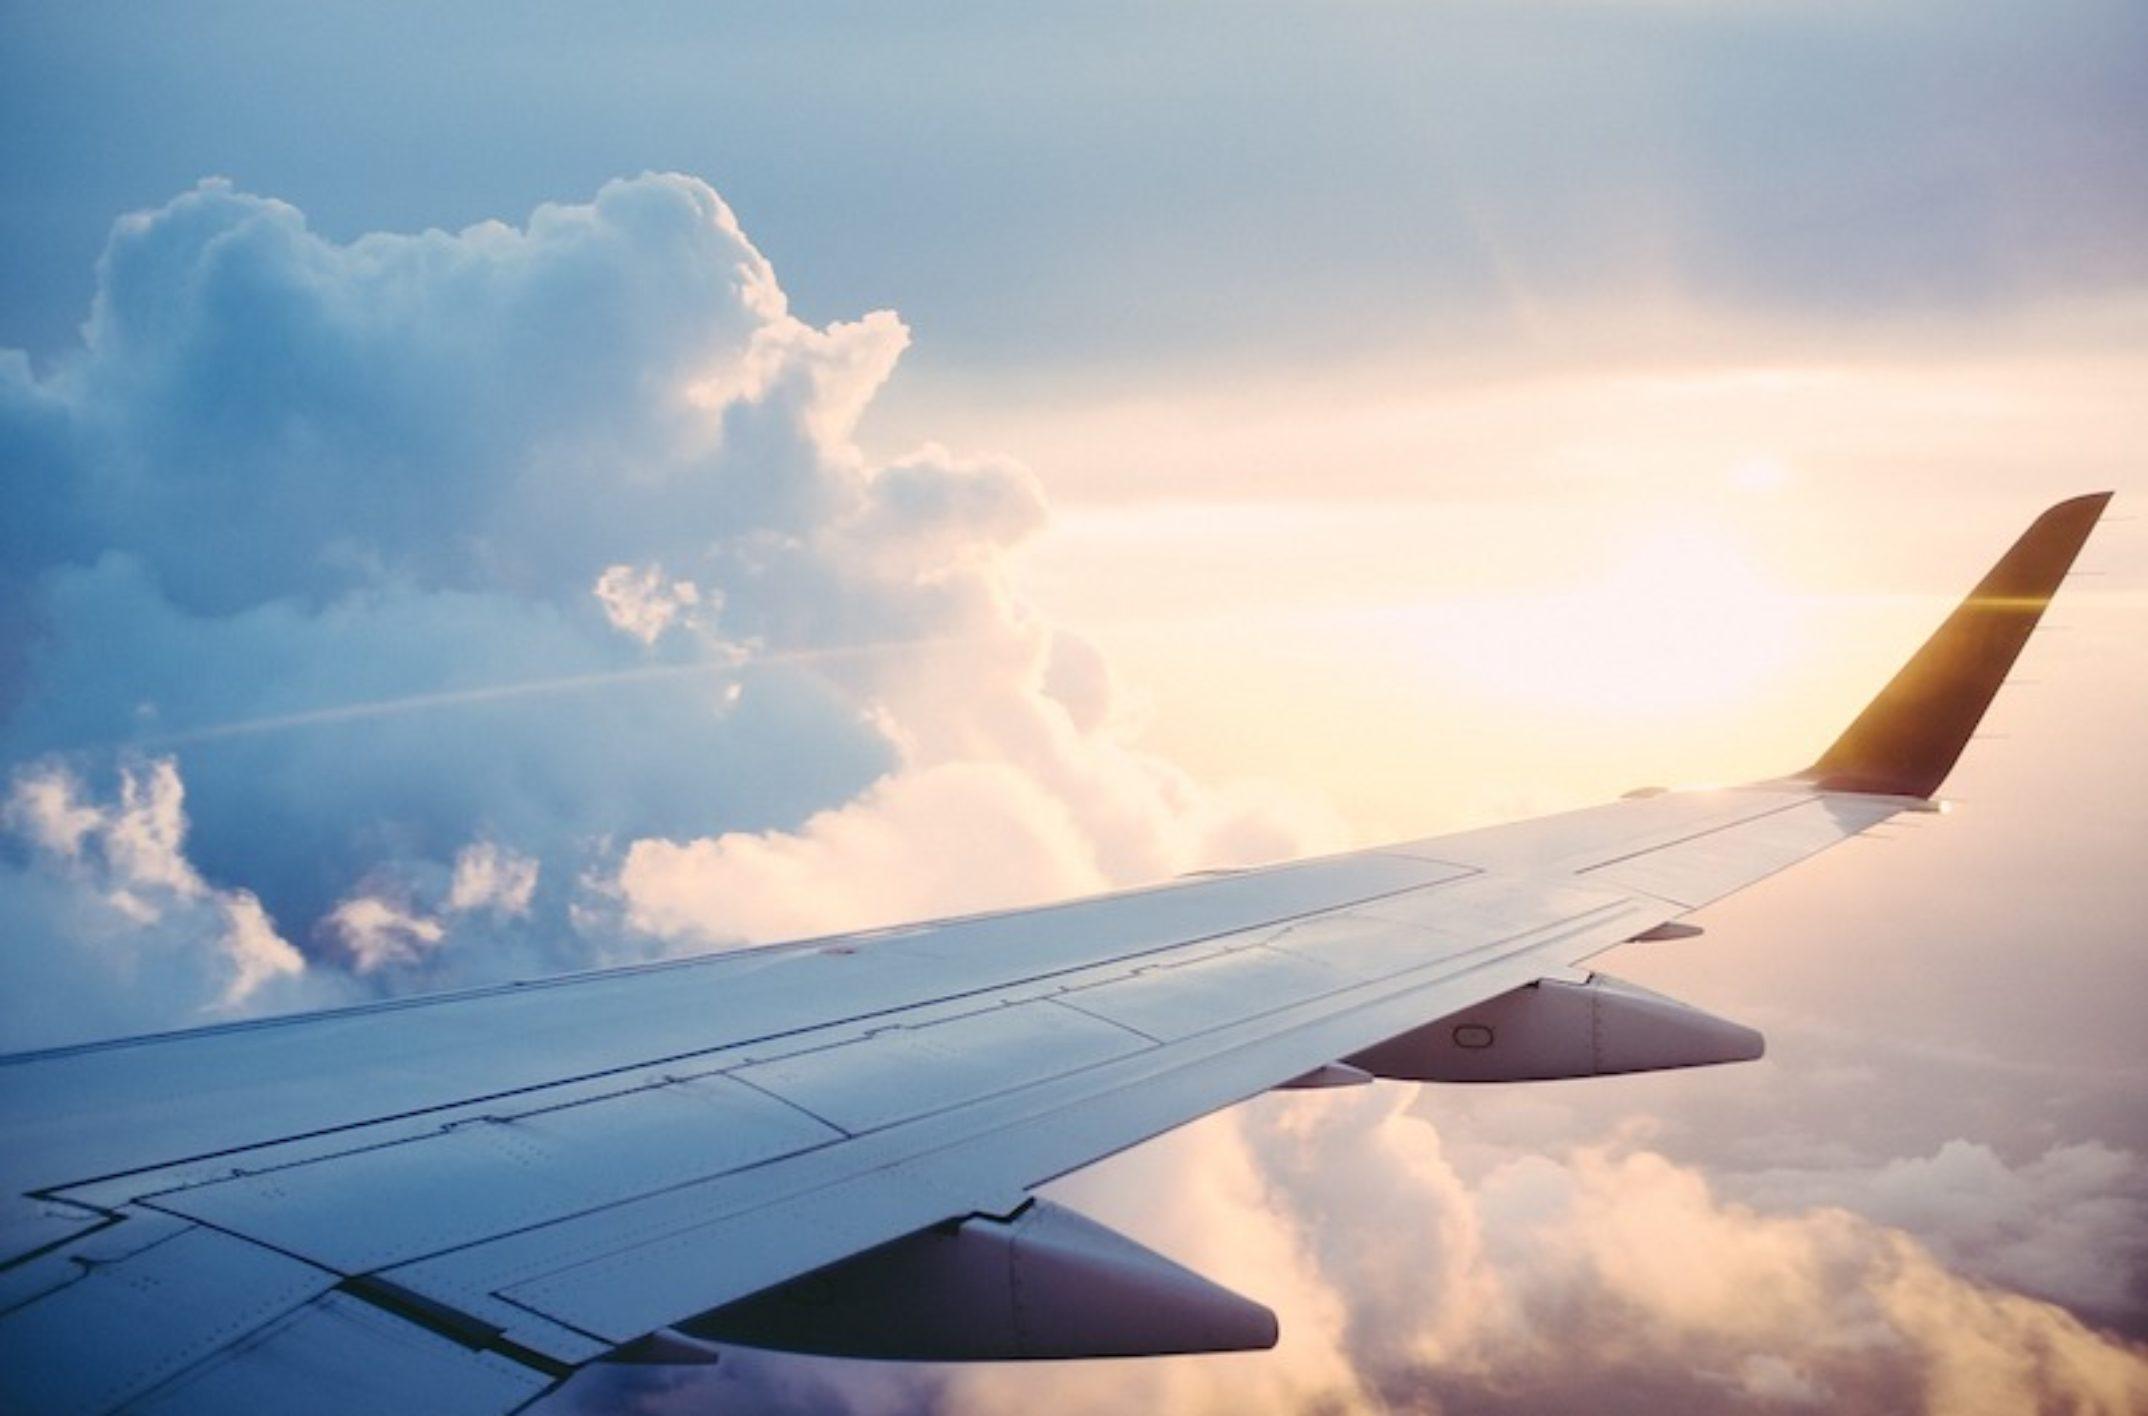 Mon vol est annulé : que faire si je ne peux pas prendre mon avion?